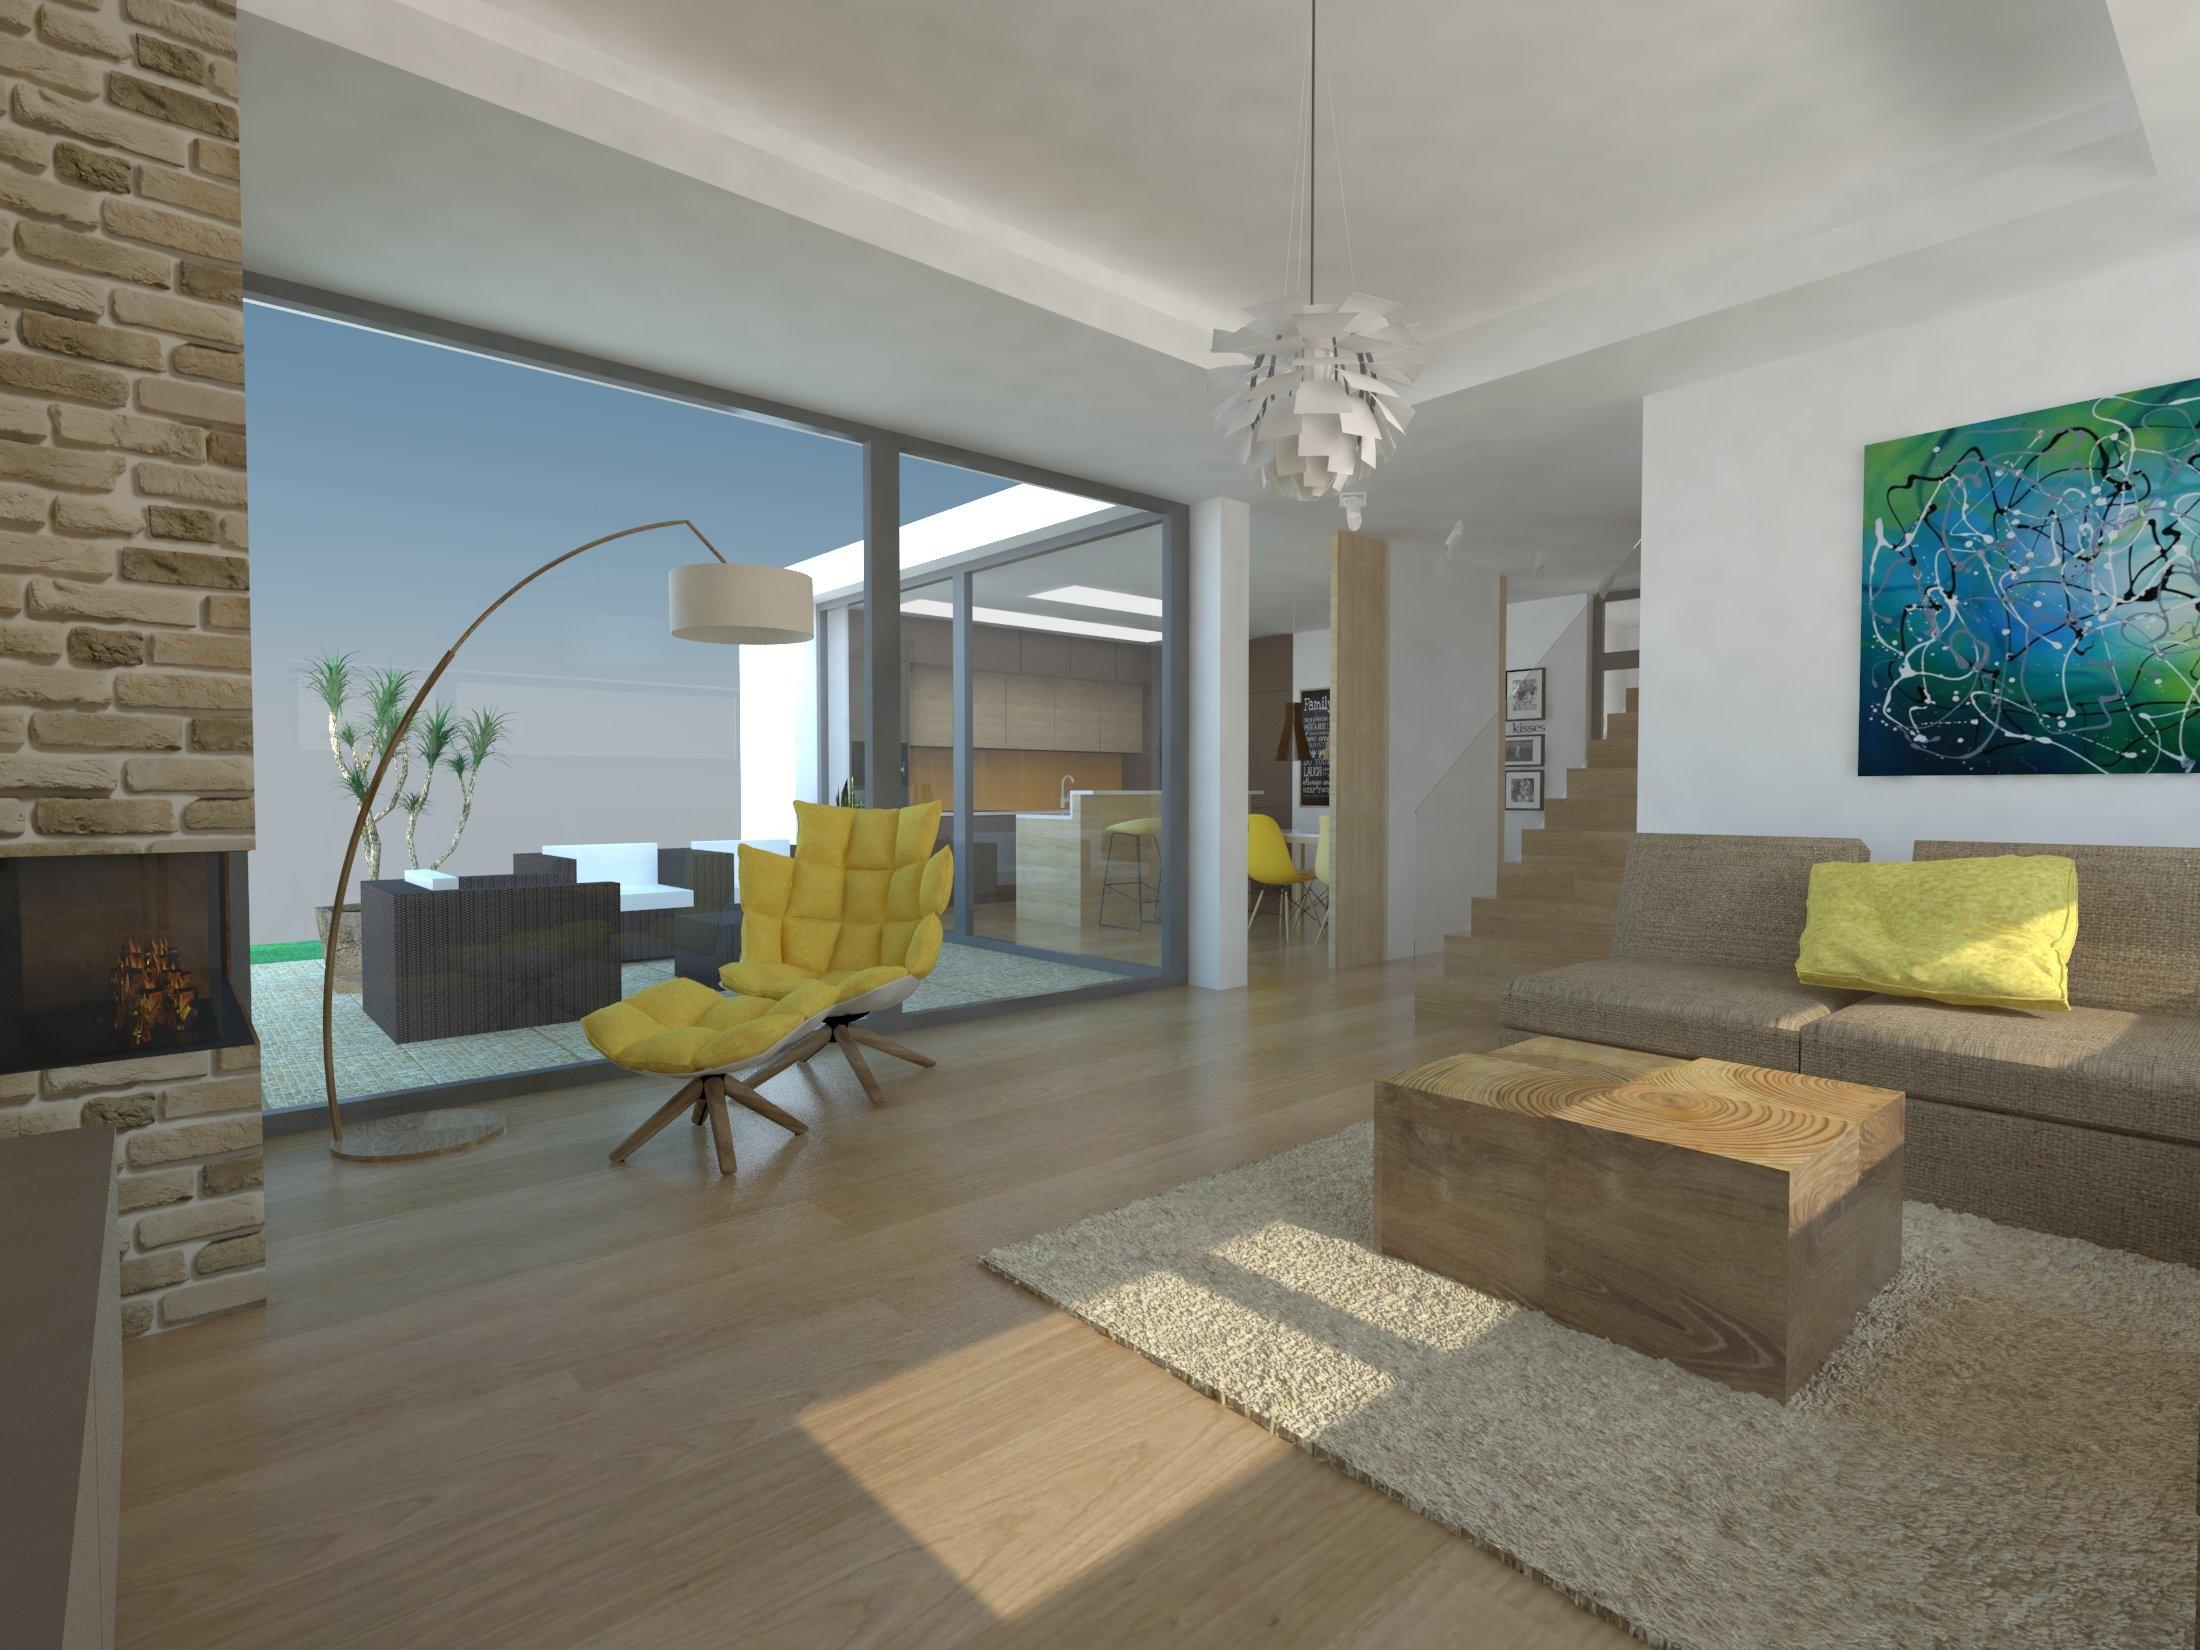 Obývacia izba prepojená s kuchyňou do otvorenej dennej časti alebo radšej každá miestnosť samostatne? Aj to je jedna z nesmierne dôležitých otázok, nad ktorými sa treba zamyslieť predtým, ako sa pustíte do návrhu a zariaďovania interiéru.